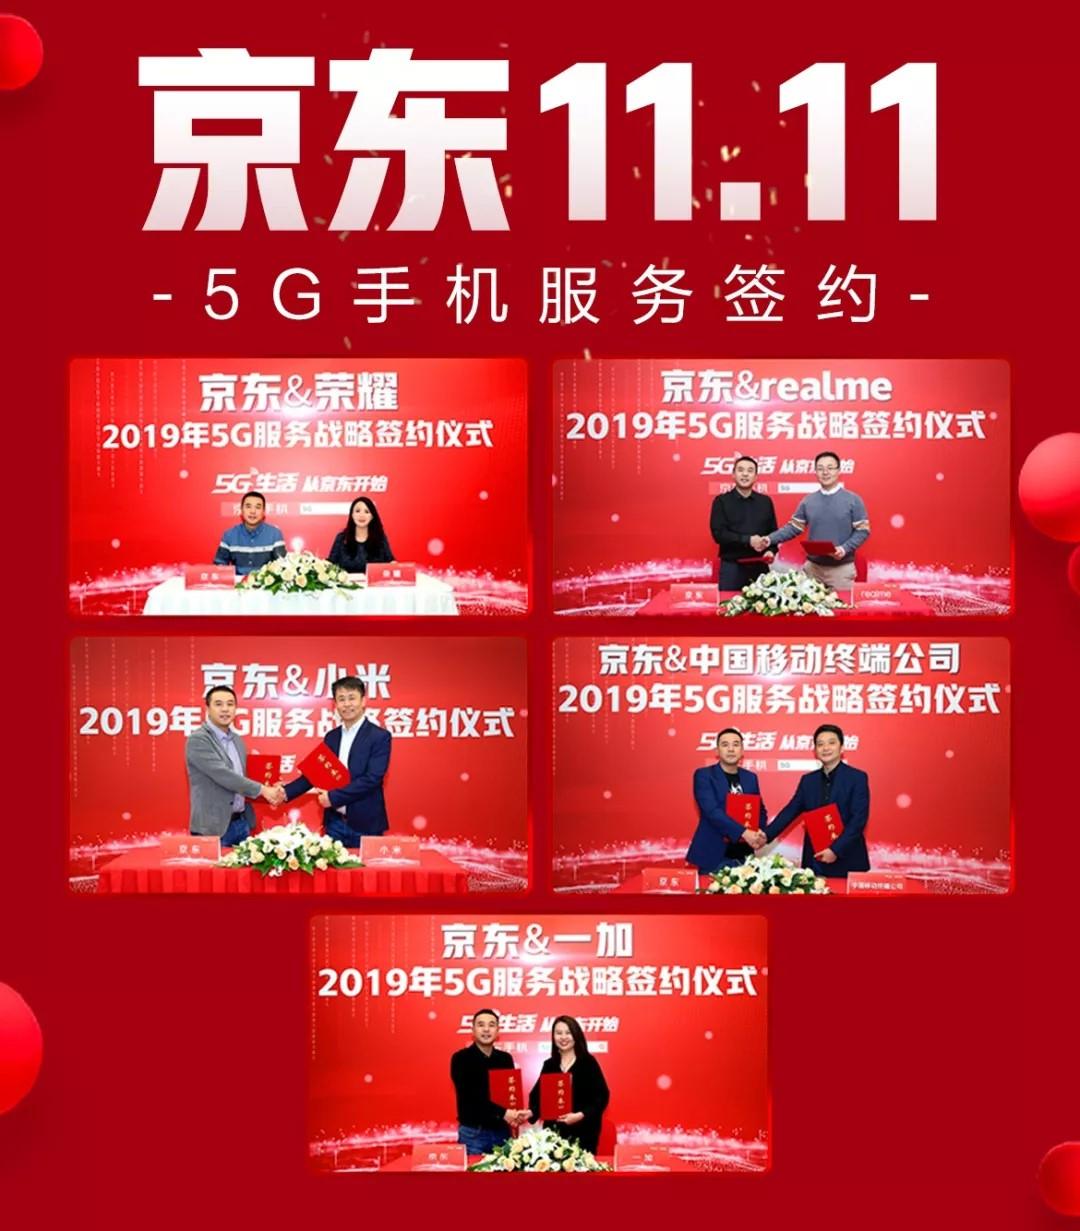 《5G大咖说》vivo秦飞:5G手机成消费者享受5G网络最佳入口